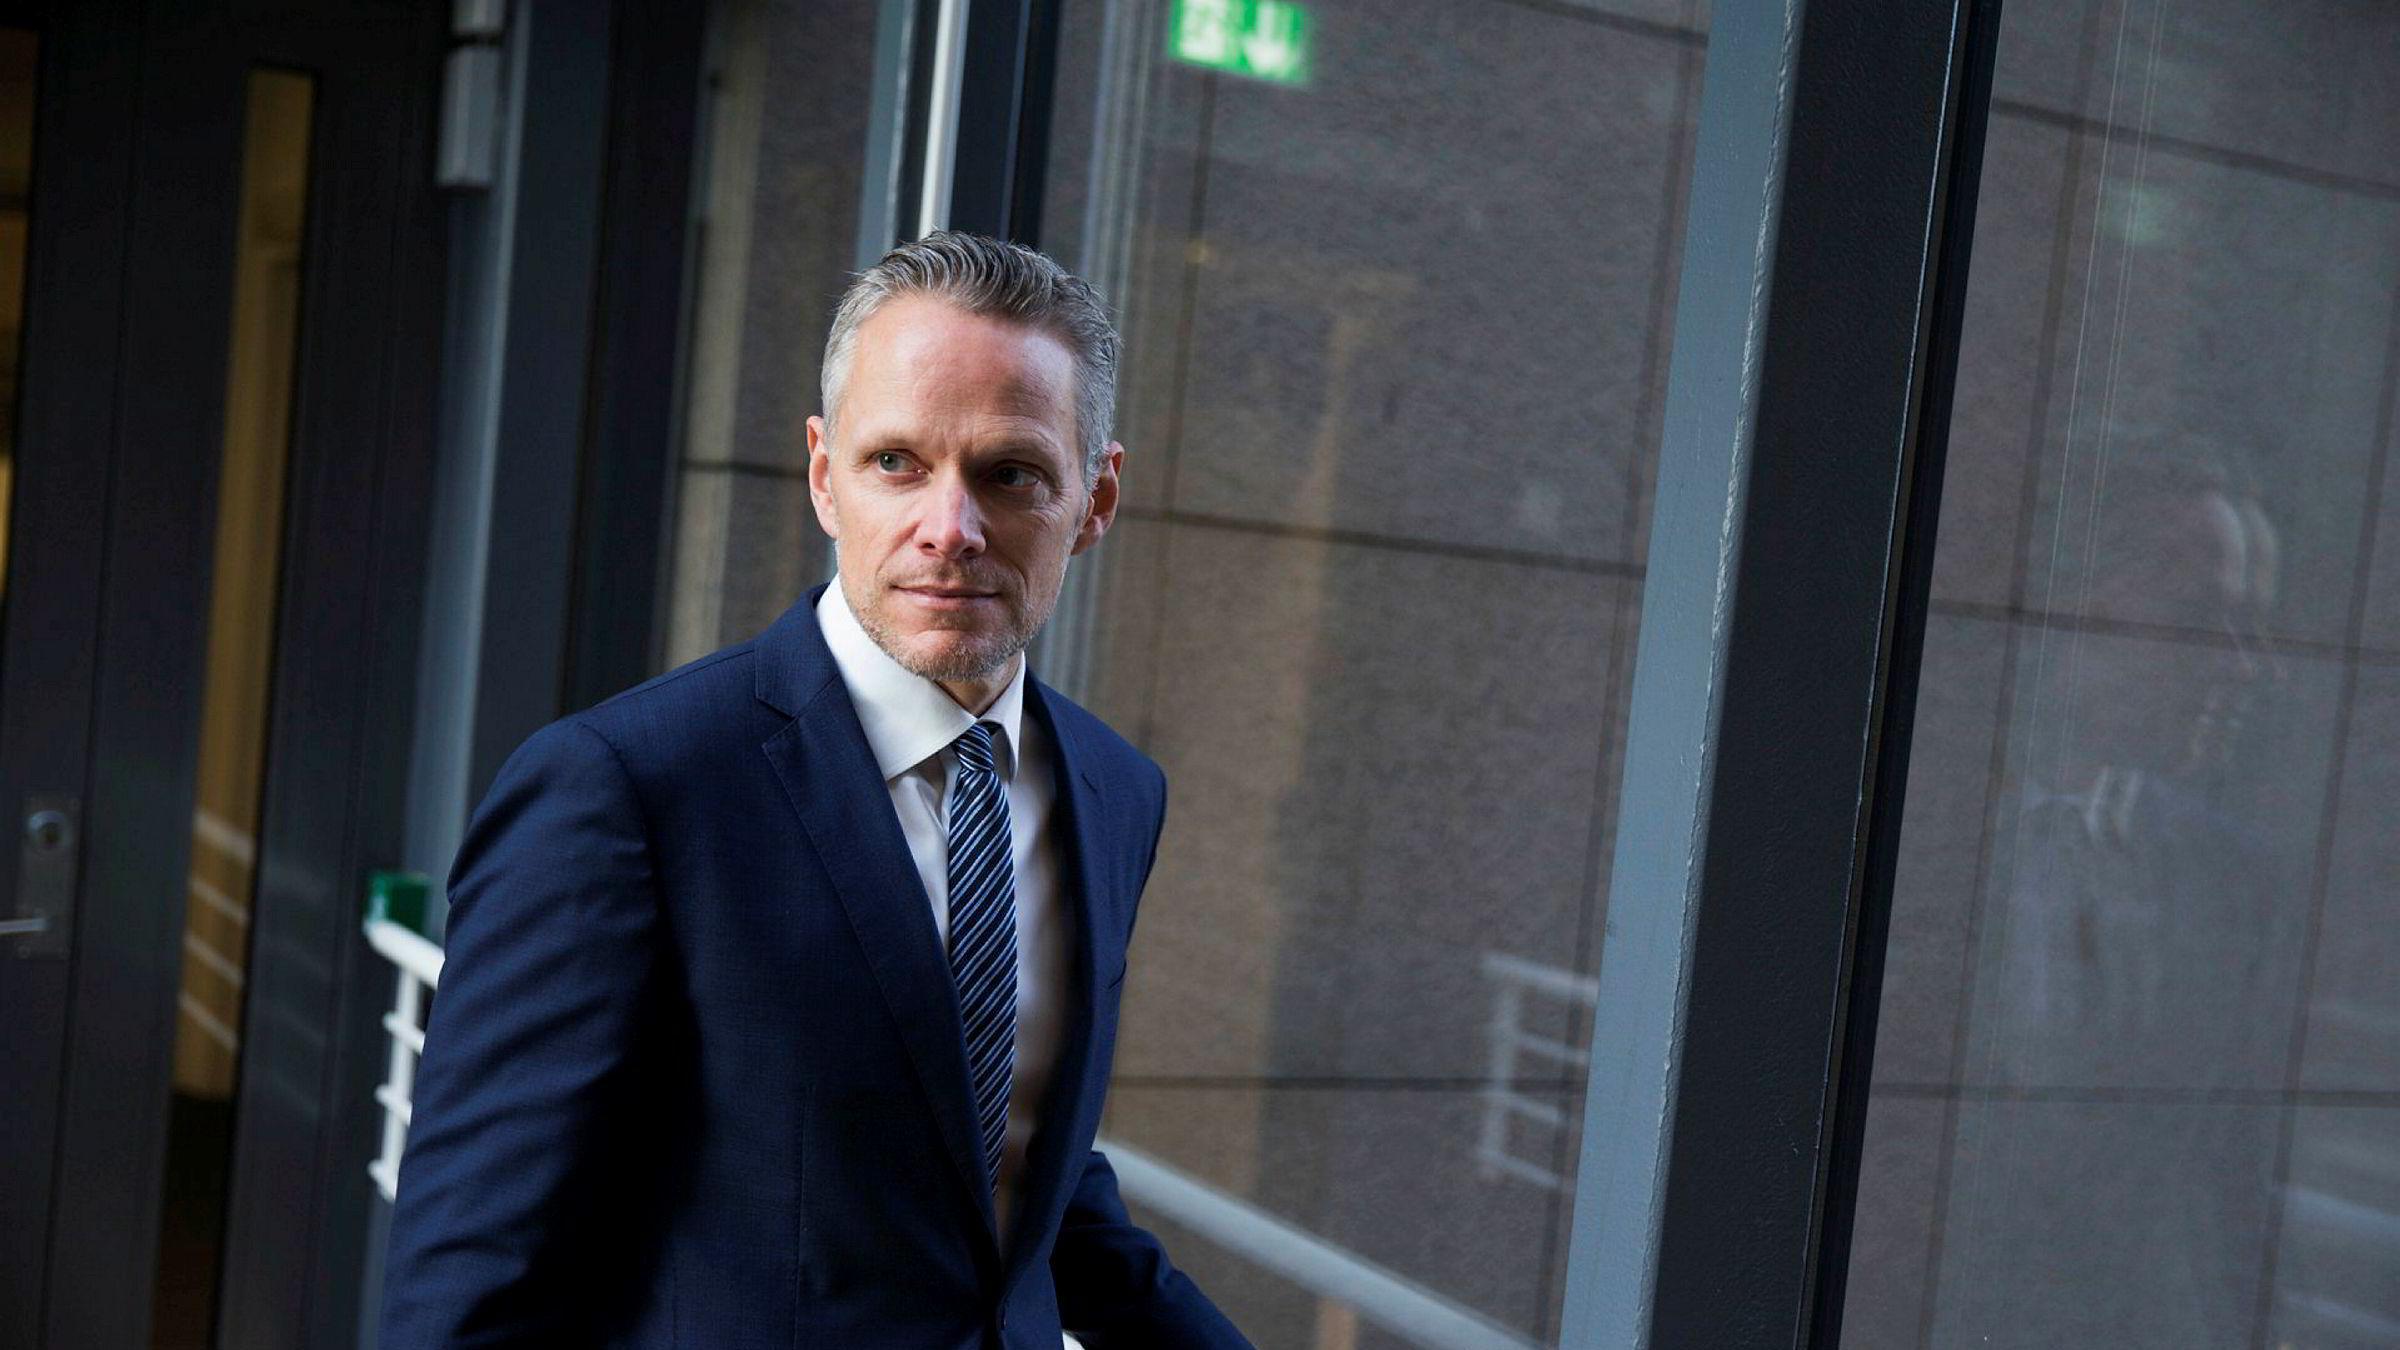 Sjefstrateg i Danske Bank, Christian Lie, mener den svake økonomiske veksten er en del av nøkkelen for videre børsoppgang.